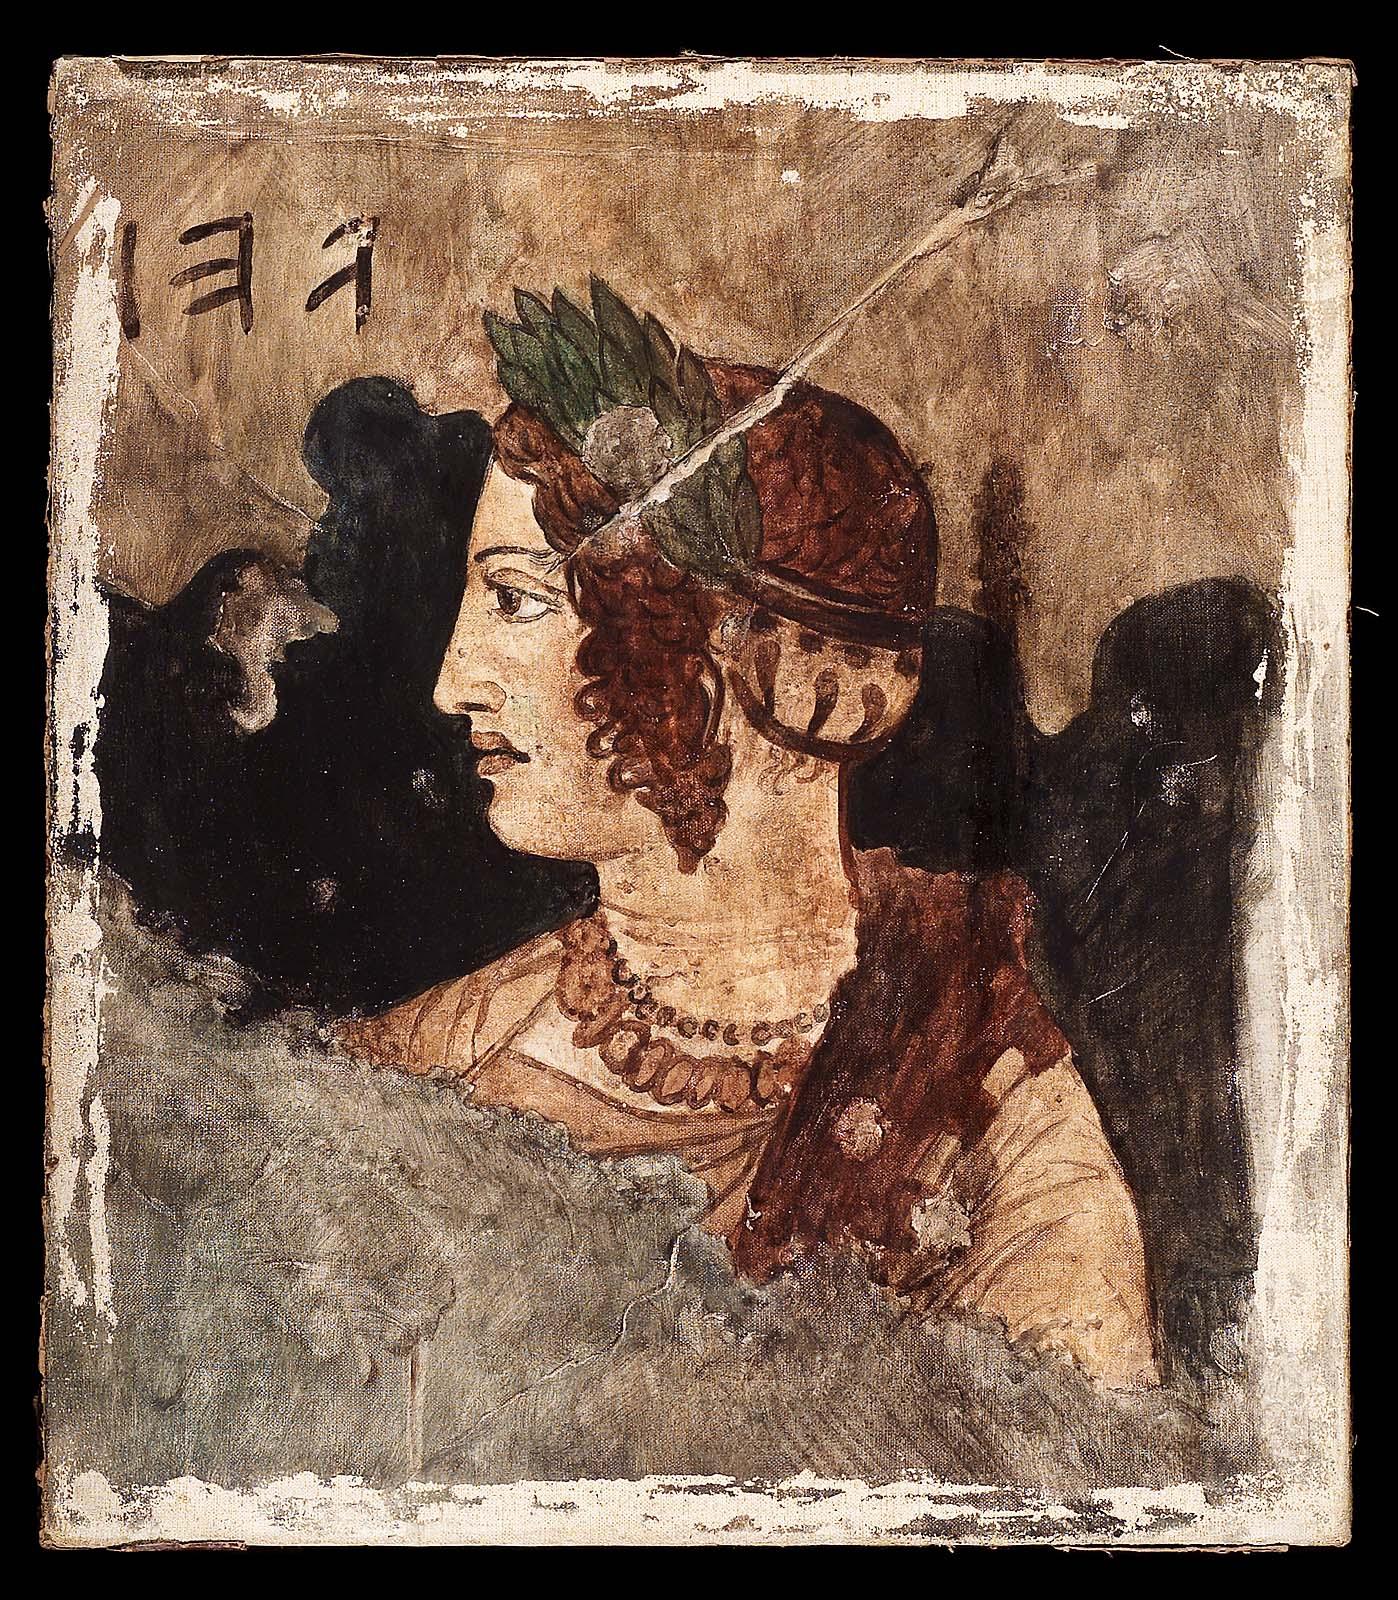 Гробница Орко. Изображение жены усопшего